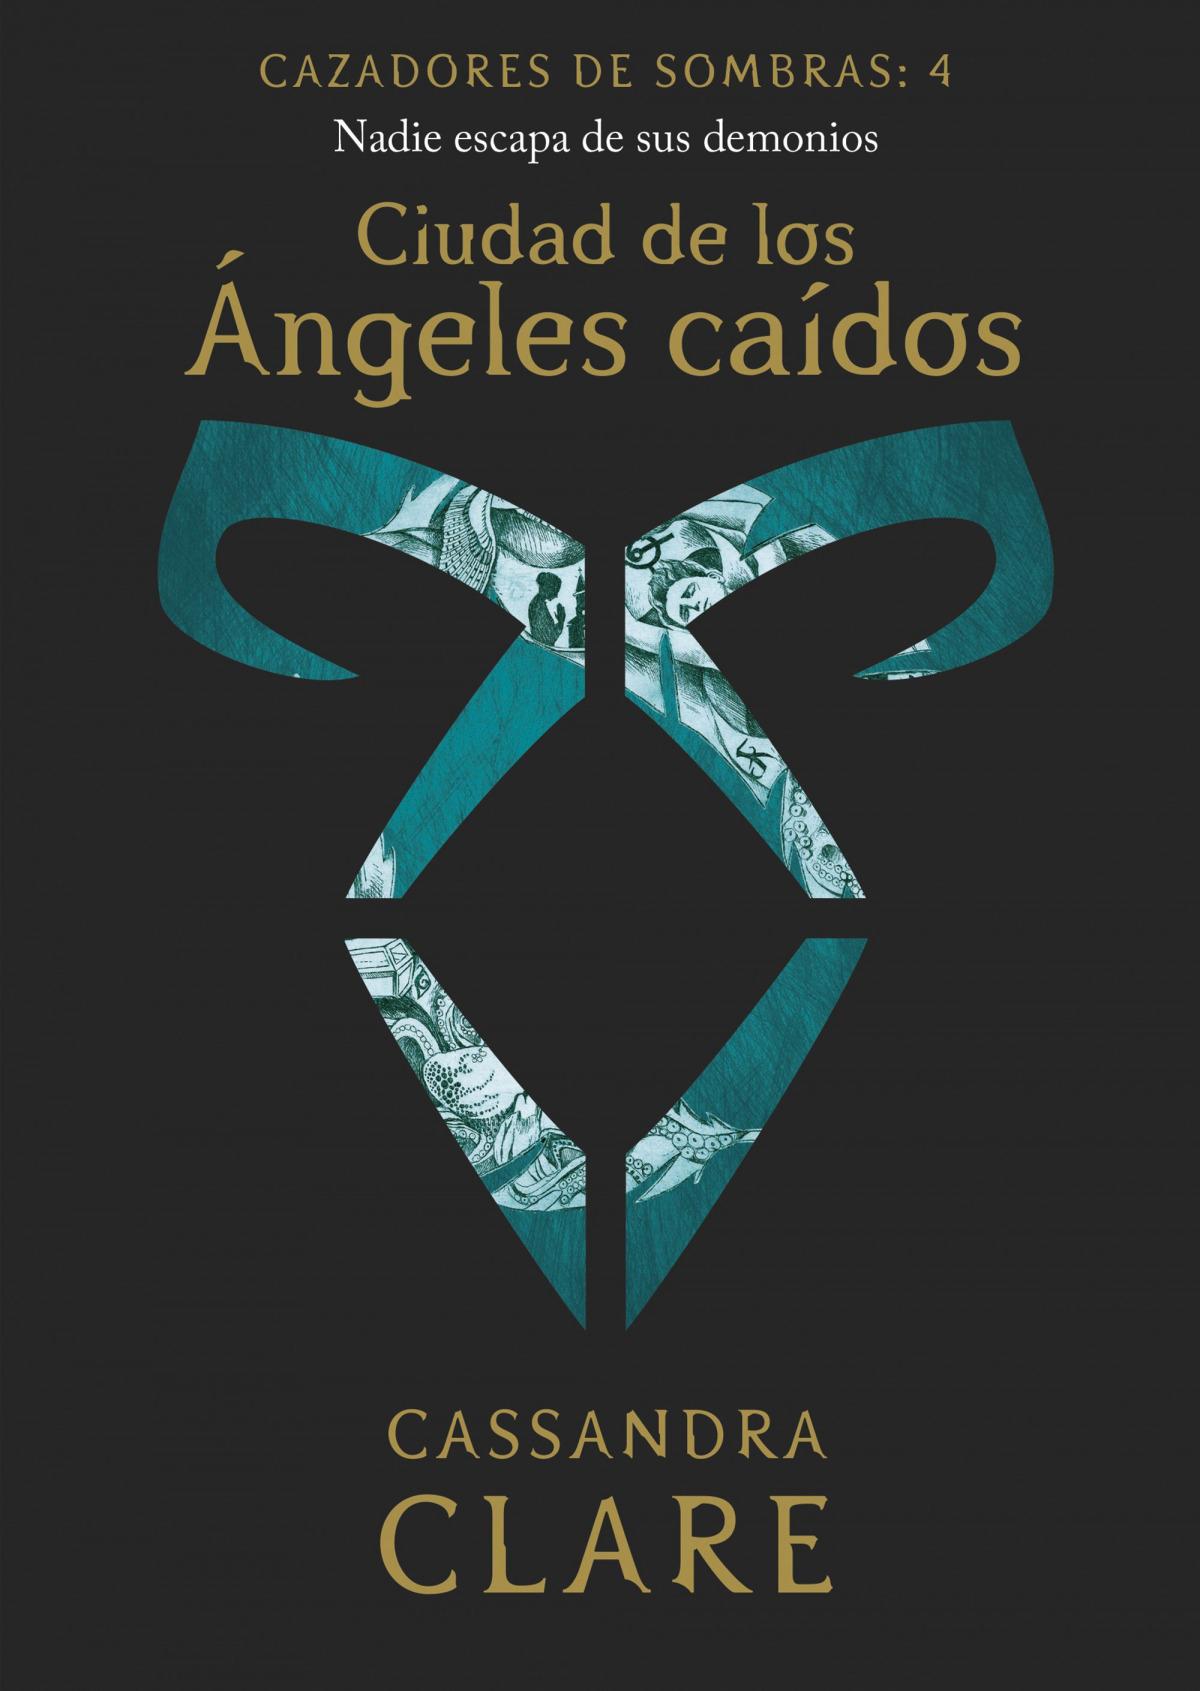 CIUDAD DE LOS ANGELES CAIDOS